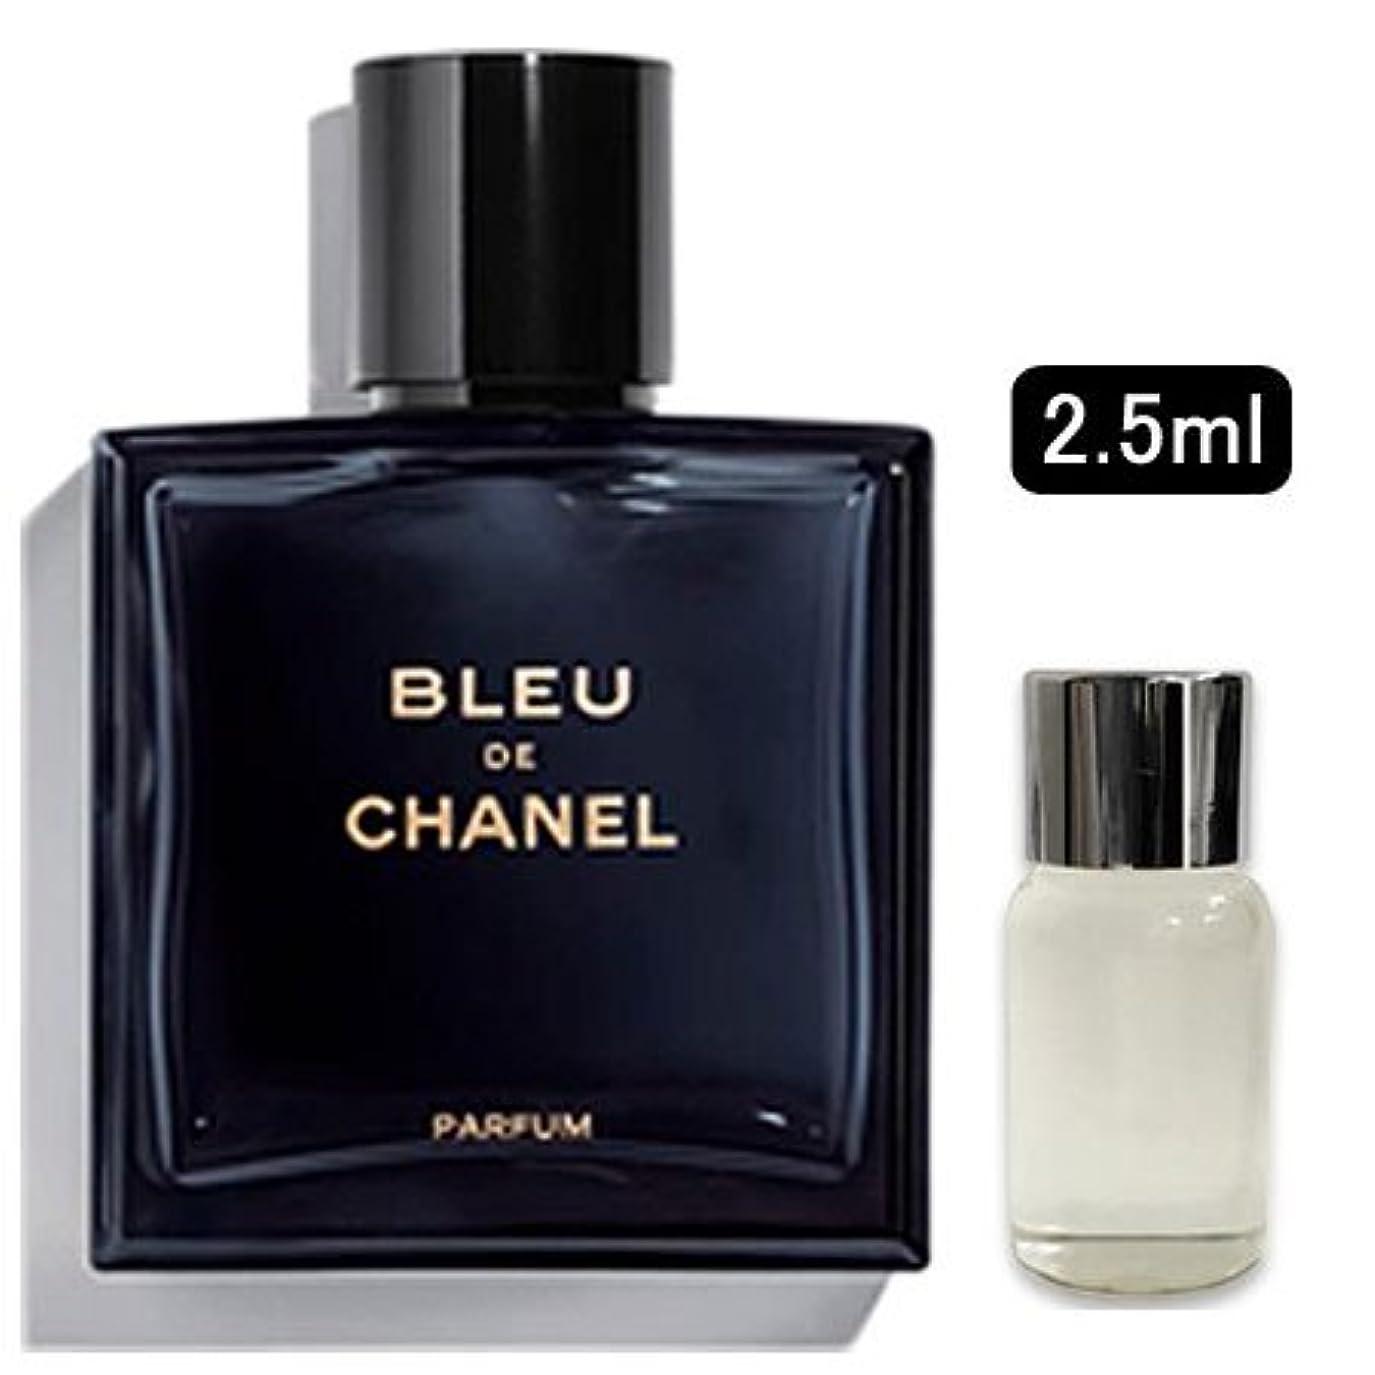 シャネル ブルー ドゥ シャネル パルファム 2.5ml(ミニチュア) -CHANEL-